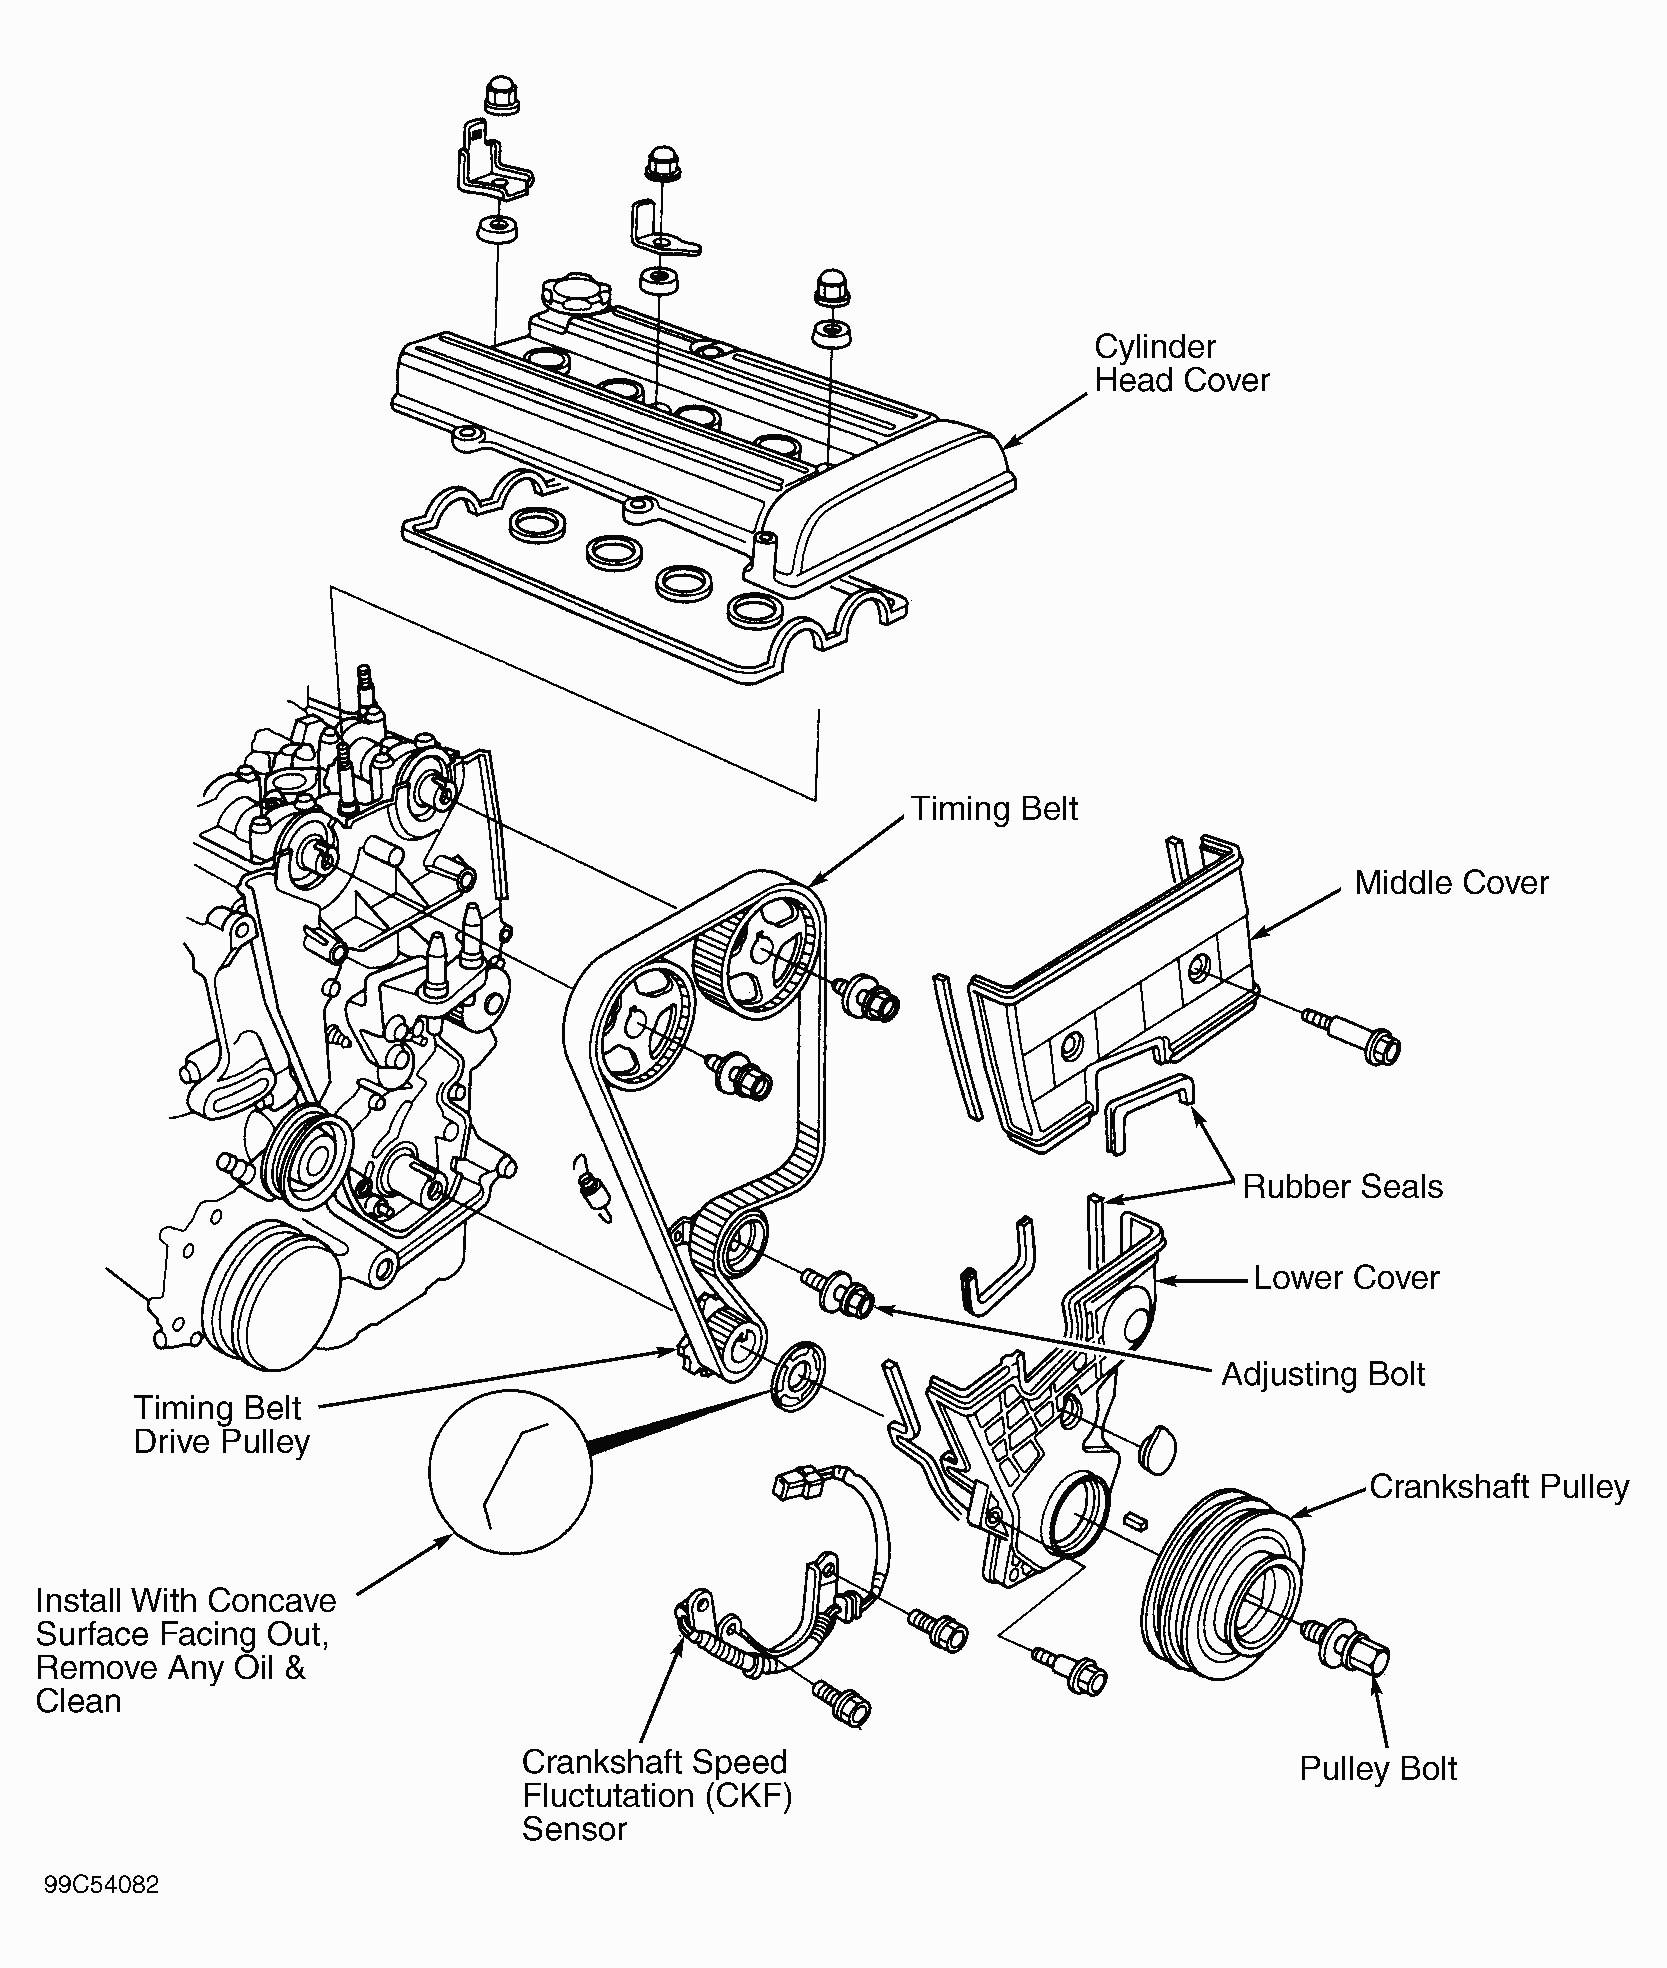 honda f22 engine diagram honda b18 engine diagram honda